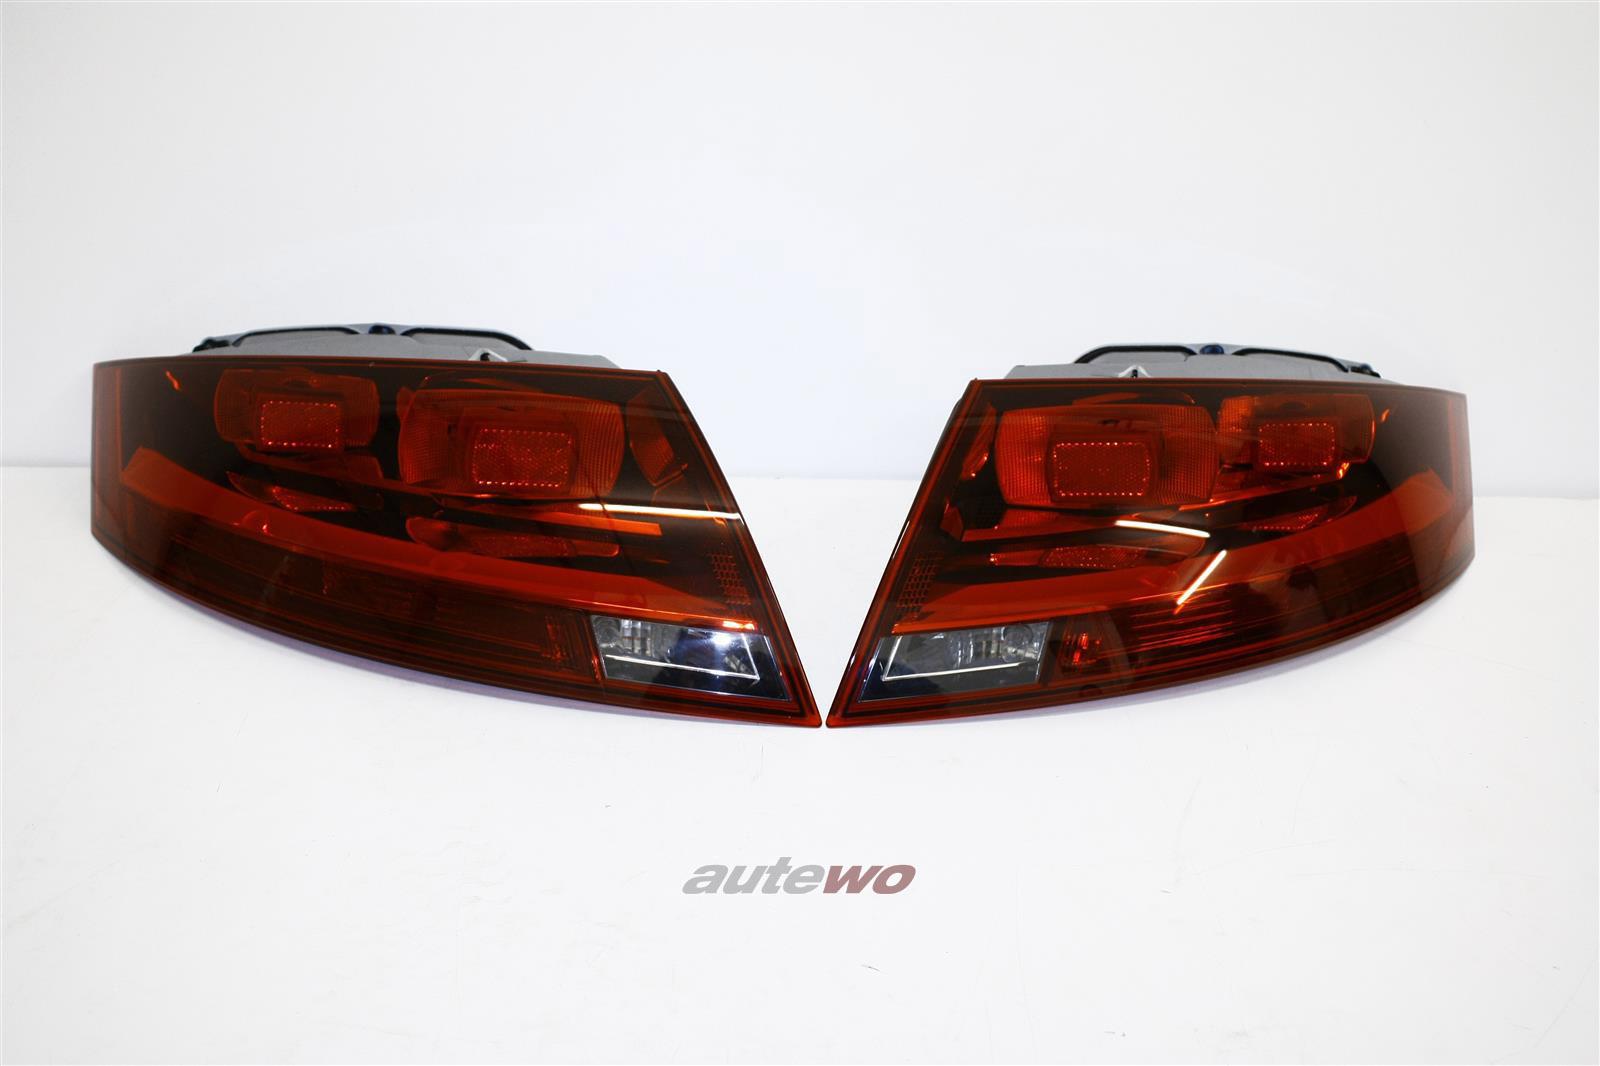 8J0945095E/J & 8J0945096E/J NEU Audi TT 8J Rückleuchten-Paar US-Ausführung dunkel